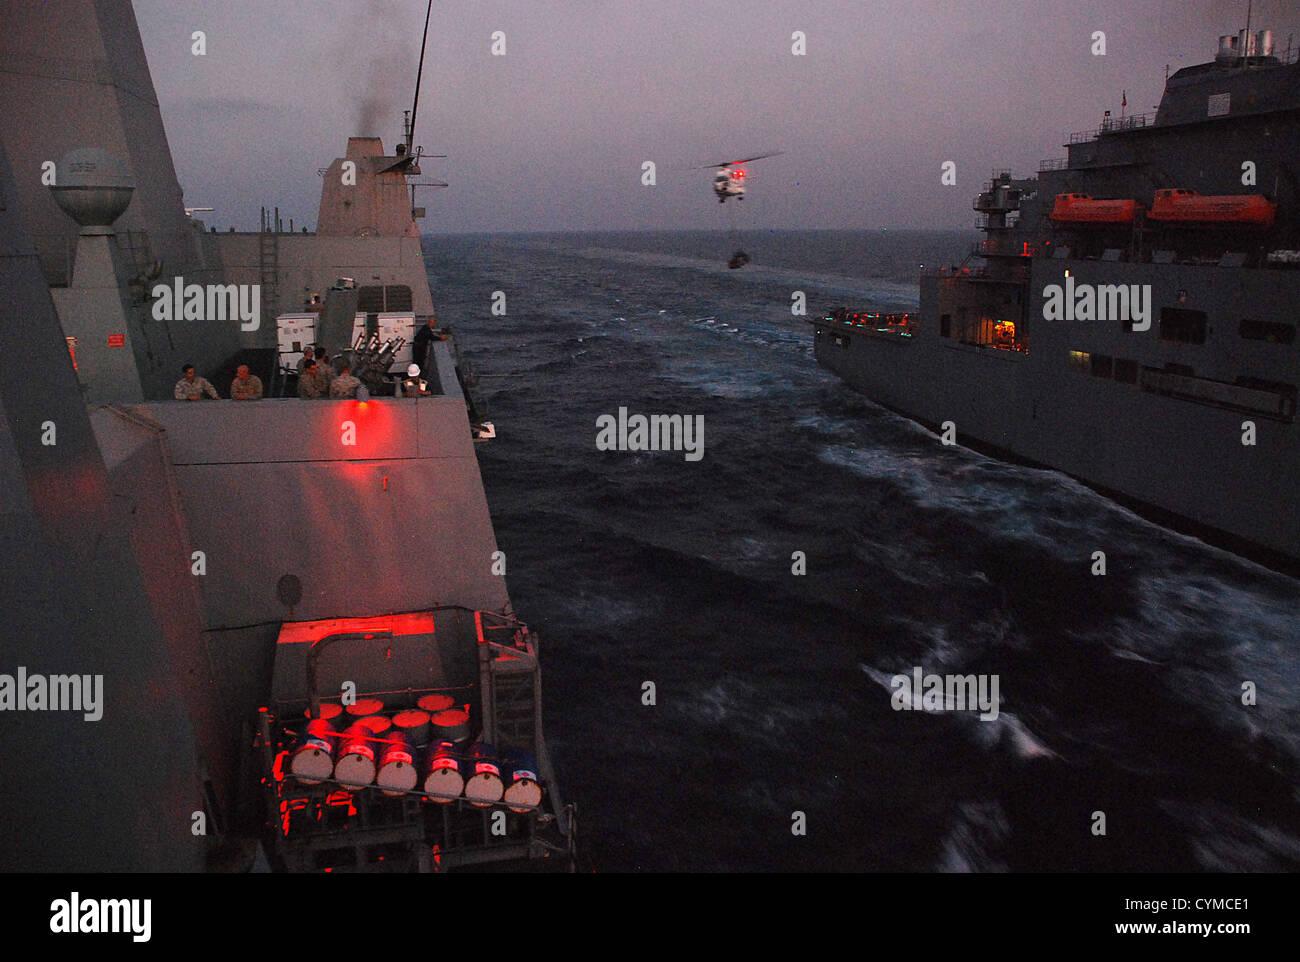 Dock buque anfibio de transporte USS Green Bay (LPD 20) participa en un curso de comando de Transporte Marítimo Militar de reabastecimiento de Lewis y Clark, clase y municiones de carga seca buque USNS Washington cámaras(T-AKE-11). Green Bay es parte de Peleliu Amphibio Foto de stock